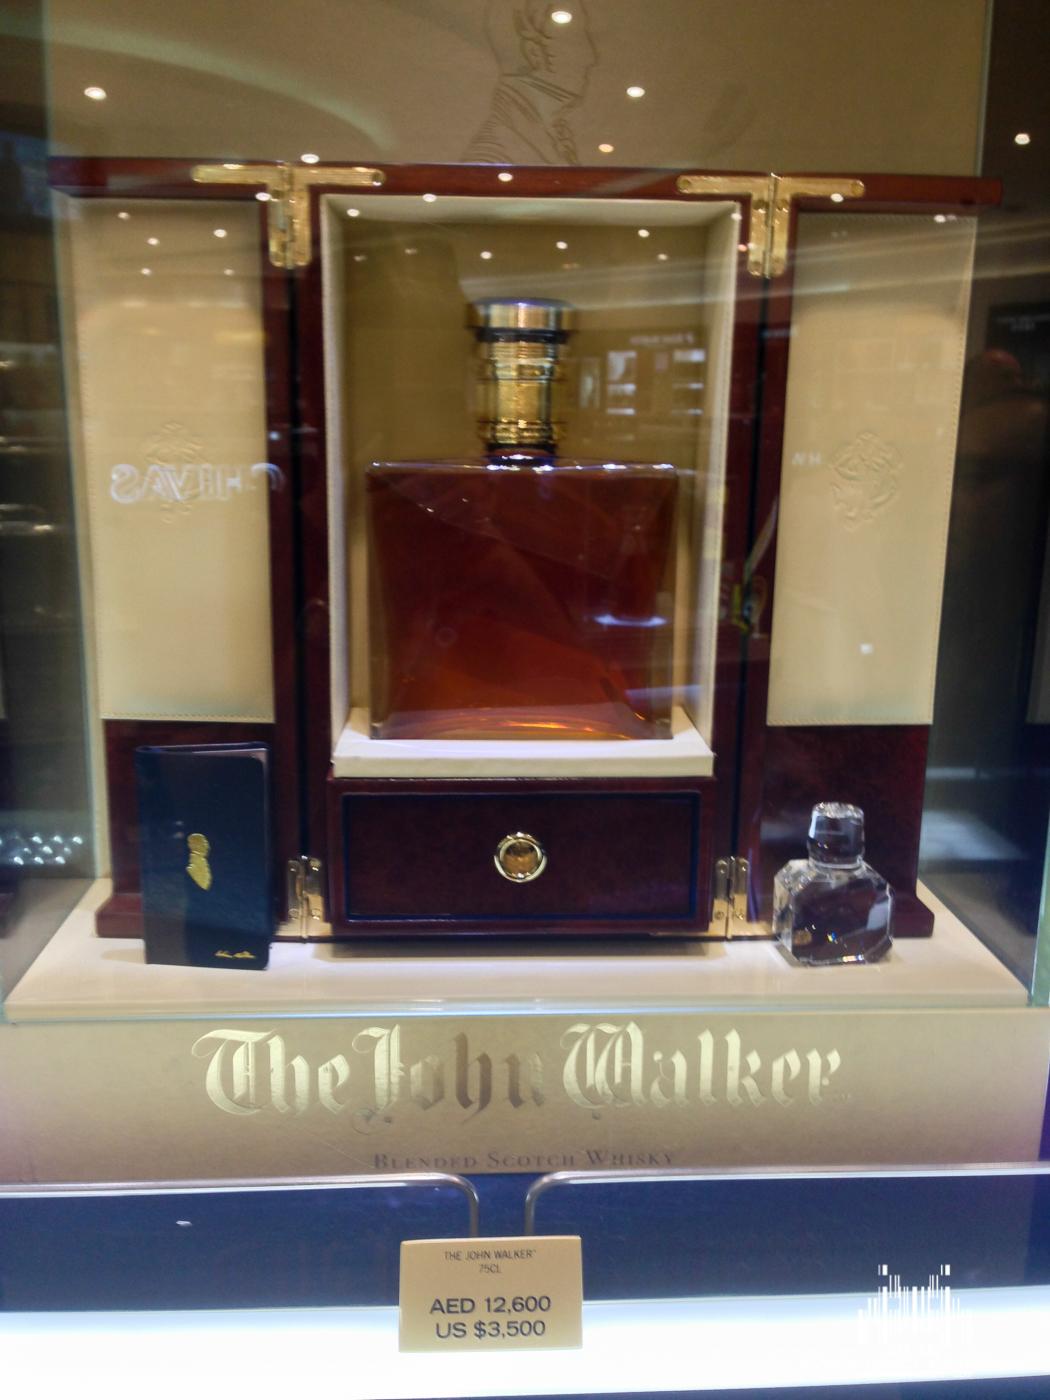 A nice $3500 bottle of Johnny Walker in the Dubai Duty Free store.